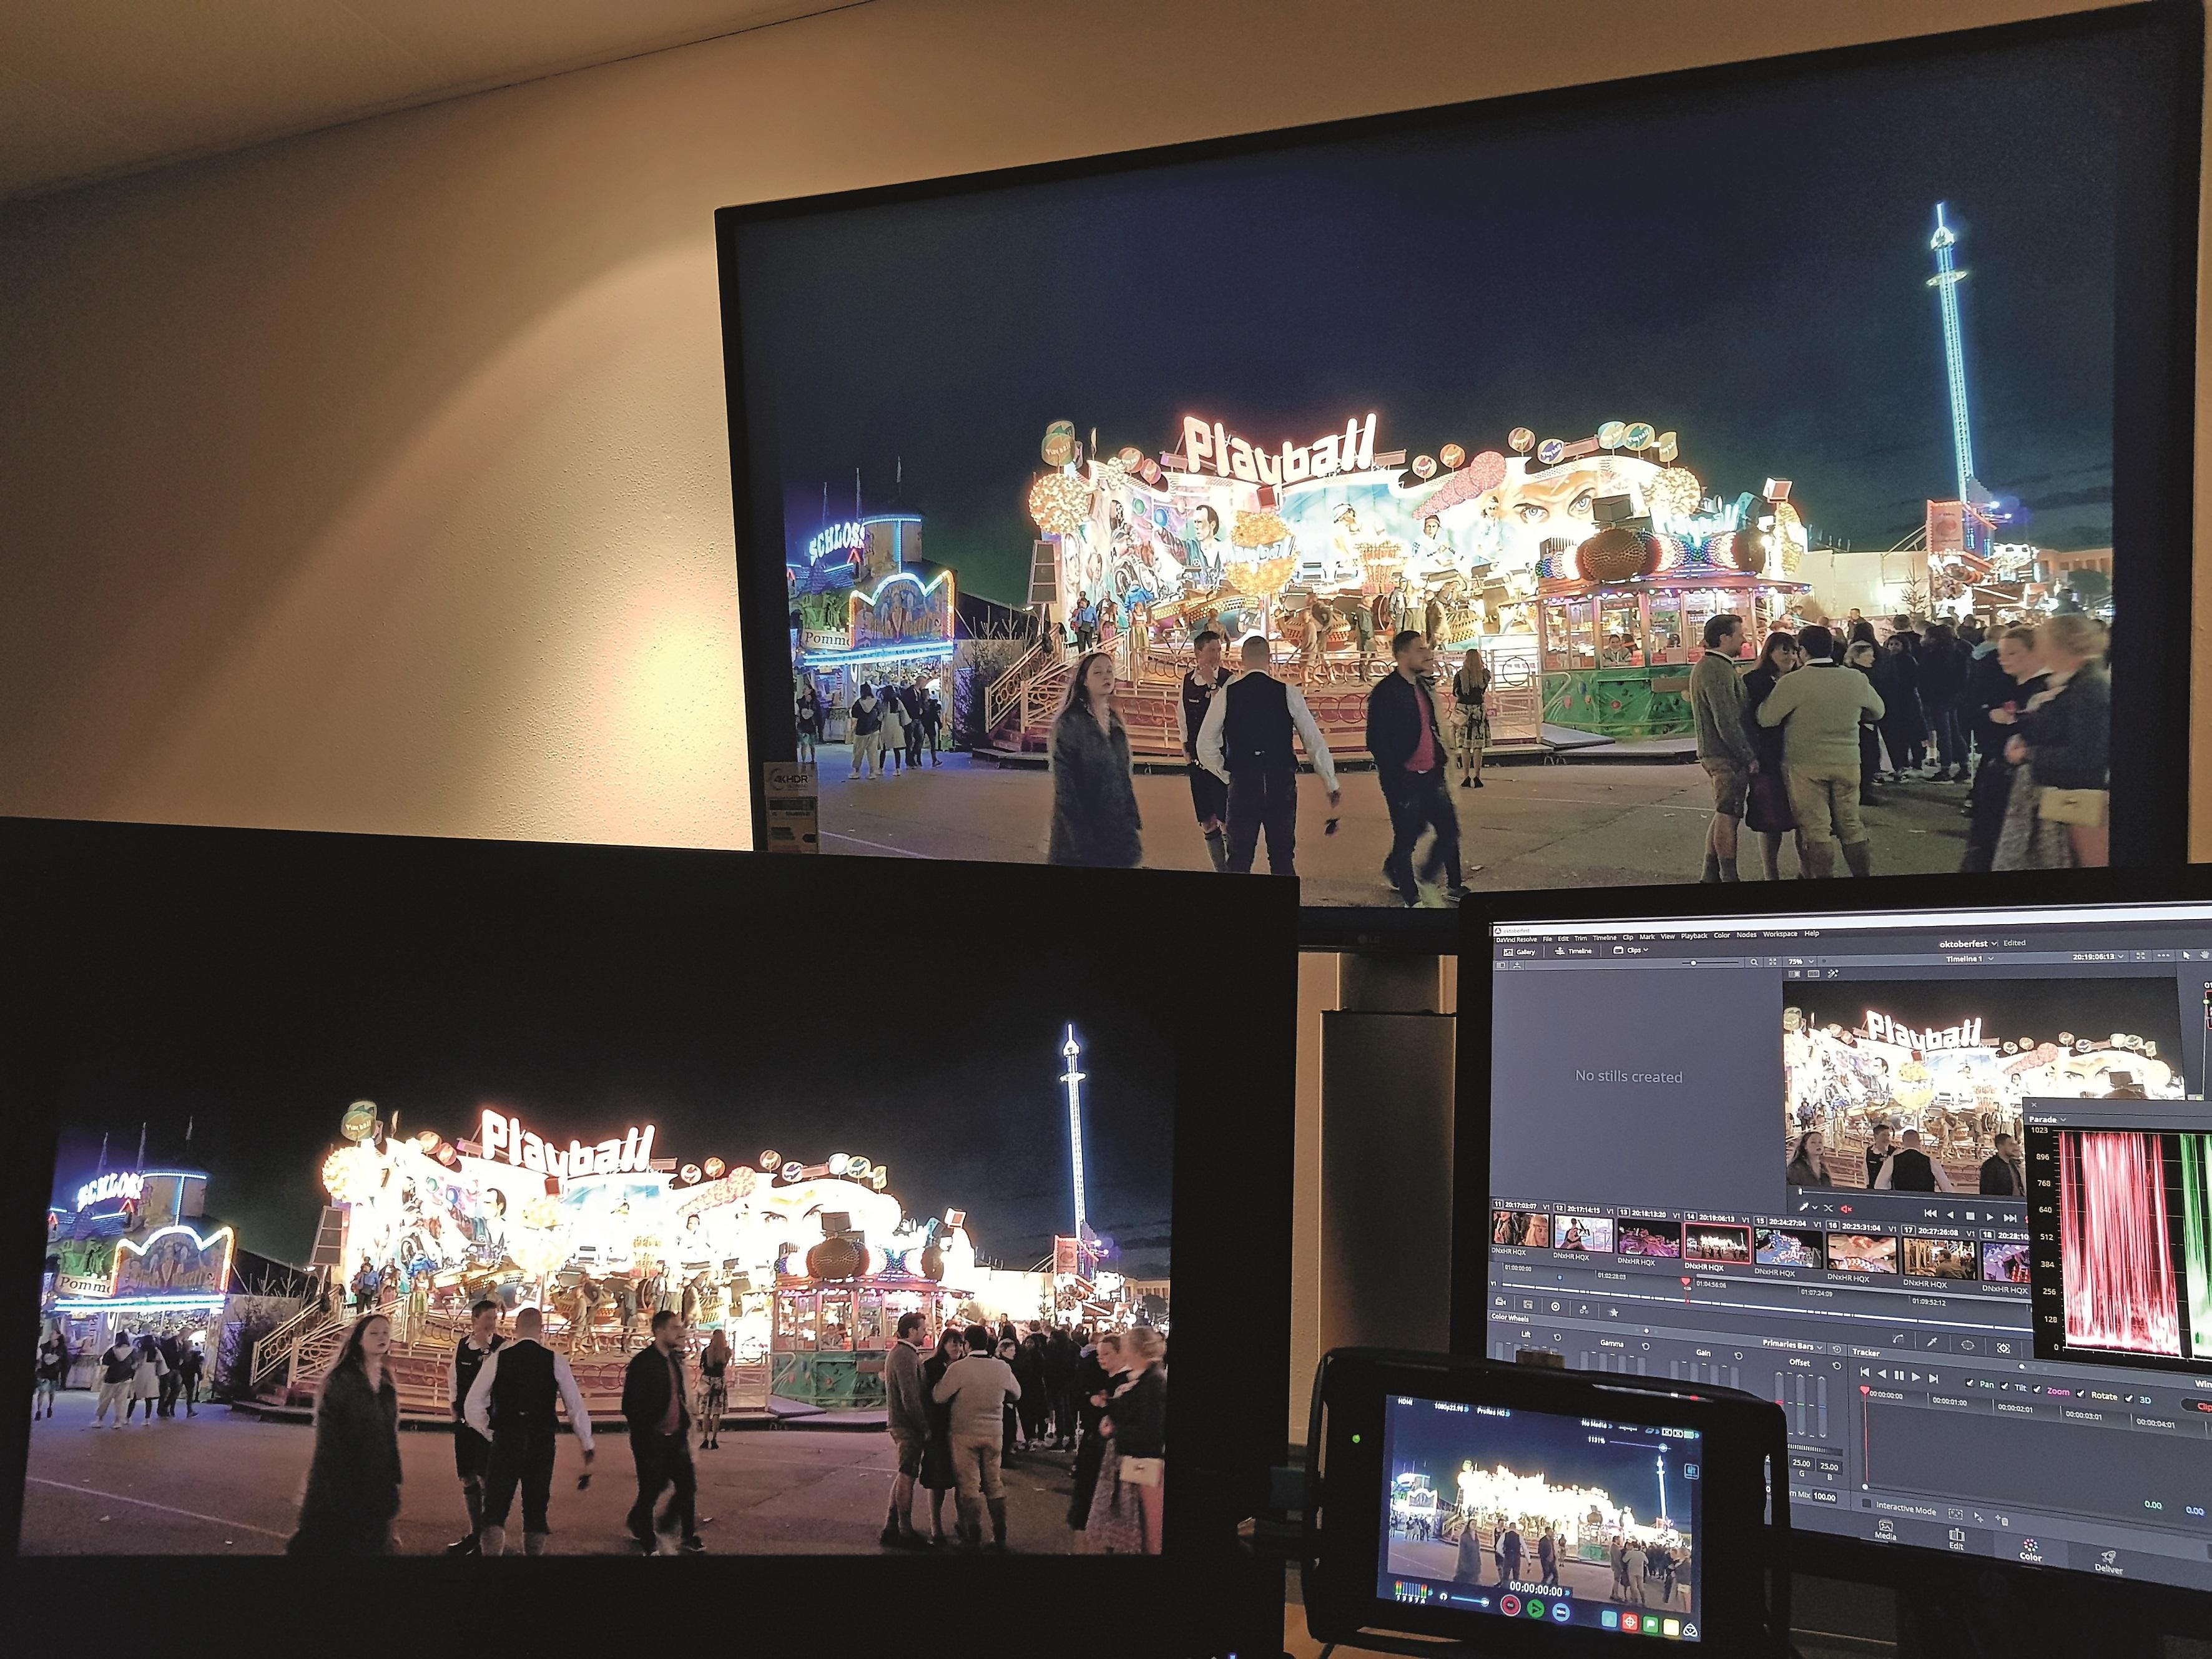 Sony BVM x3OO (OLED): 1.OOO Nits (bei bis zu 2O% Bildfläche) Eizo CG CG3145 (LCD): 1.OOO Nits (kommt demnächst auf den Markt, Testgeräte sind im Umlauf) Dolby Pulsar (LCD): 4.OOO Nits (nicht kommerziell kaufbar, nur ausgewählte Produktionen für high-end Kino/Bluray Postproduktion)